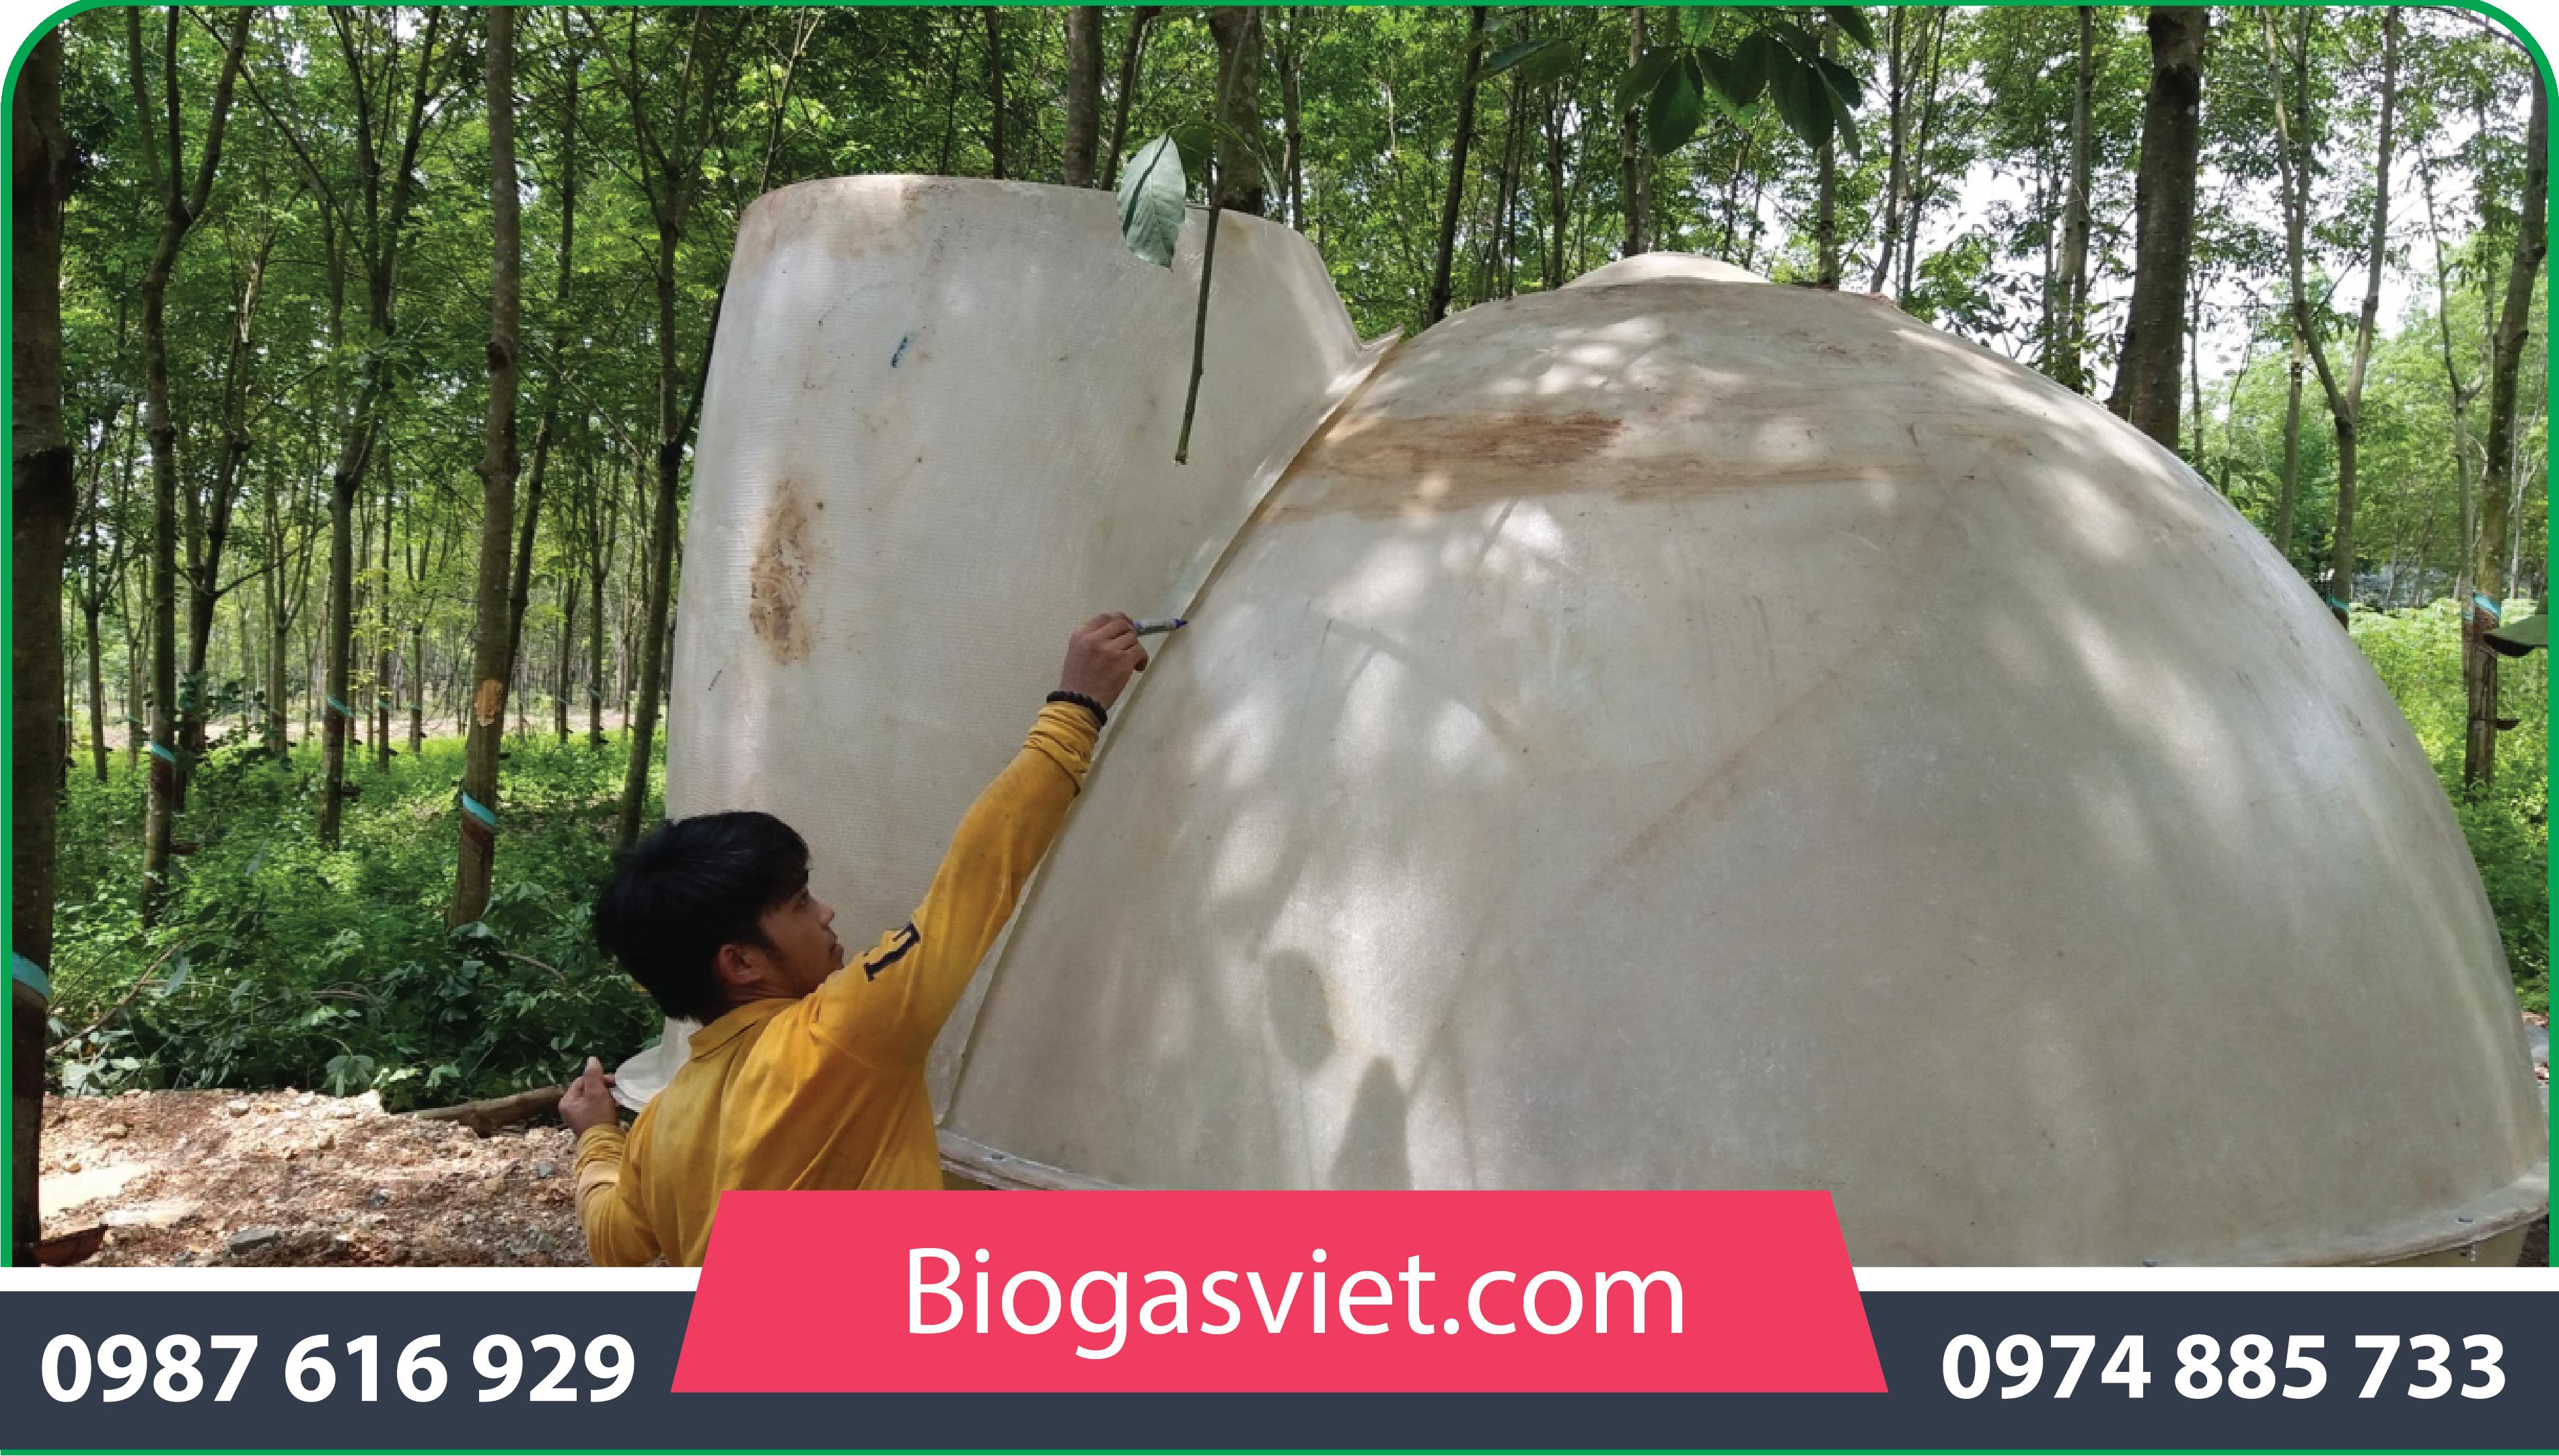 cách xâyhầm biogasviệt nam